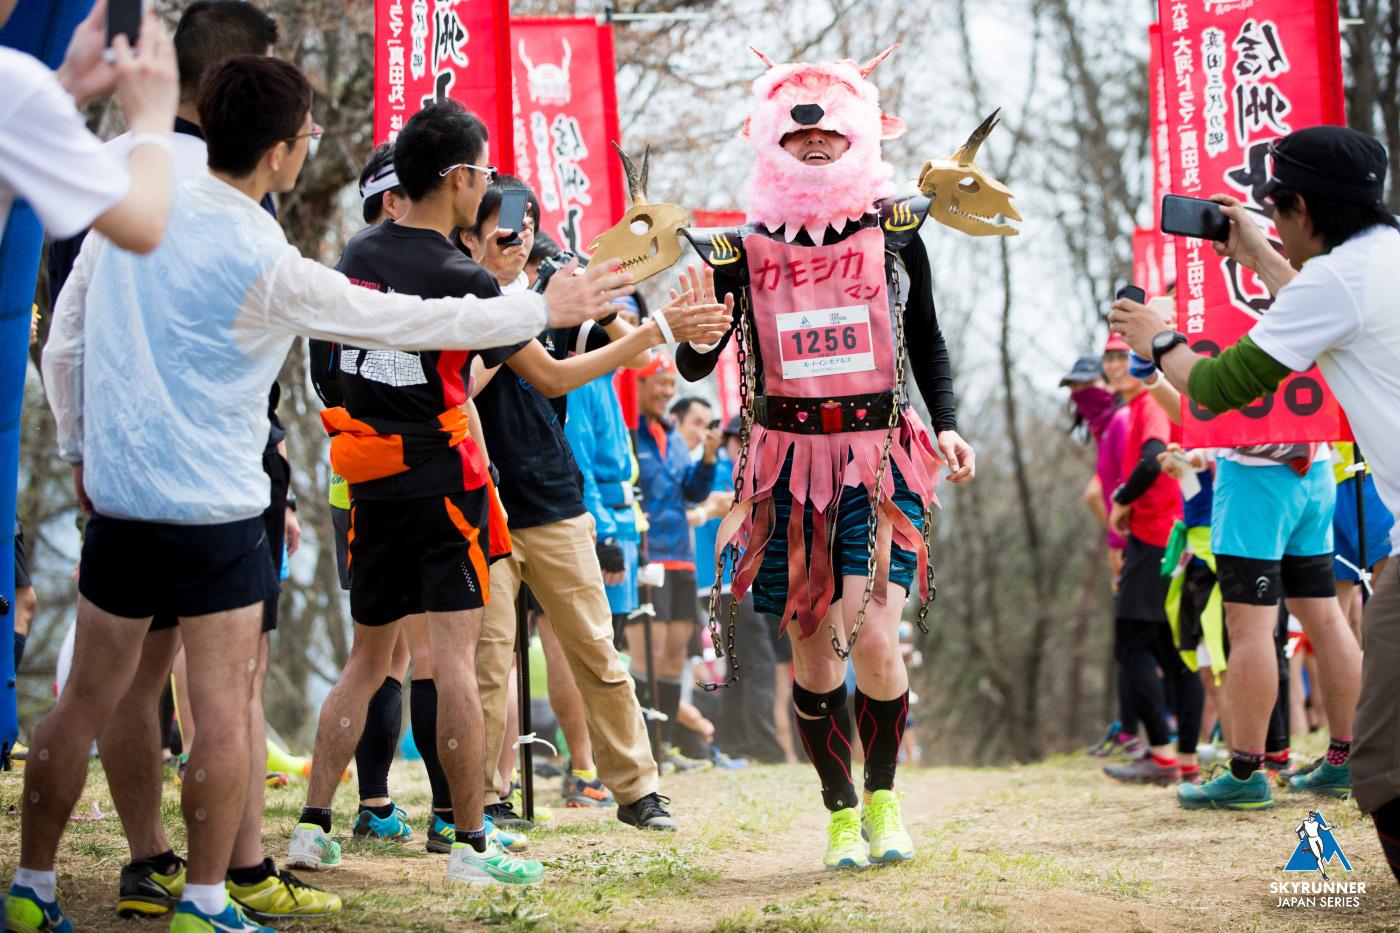 バーティカルでは仮装大歓迎!スカイランニングは誰もが楽しめるスポーツとなるべきだ 🄫UEDA VERTICAL RACE